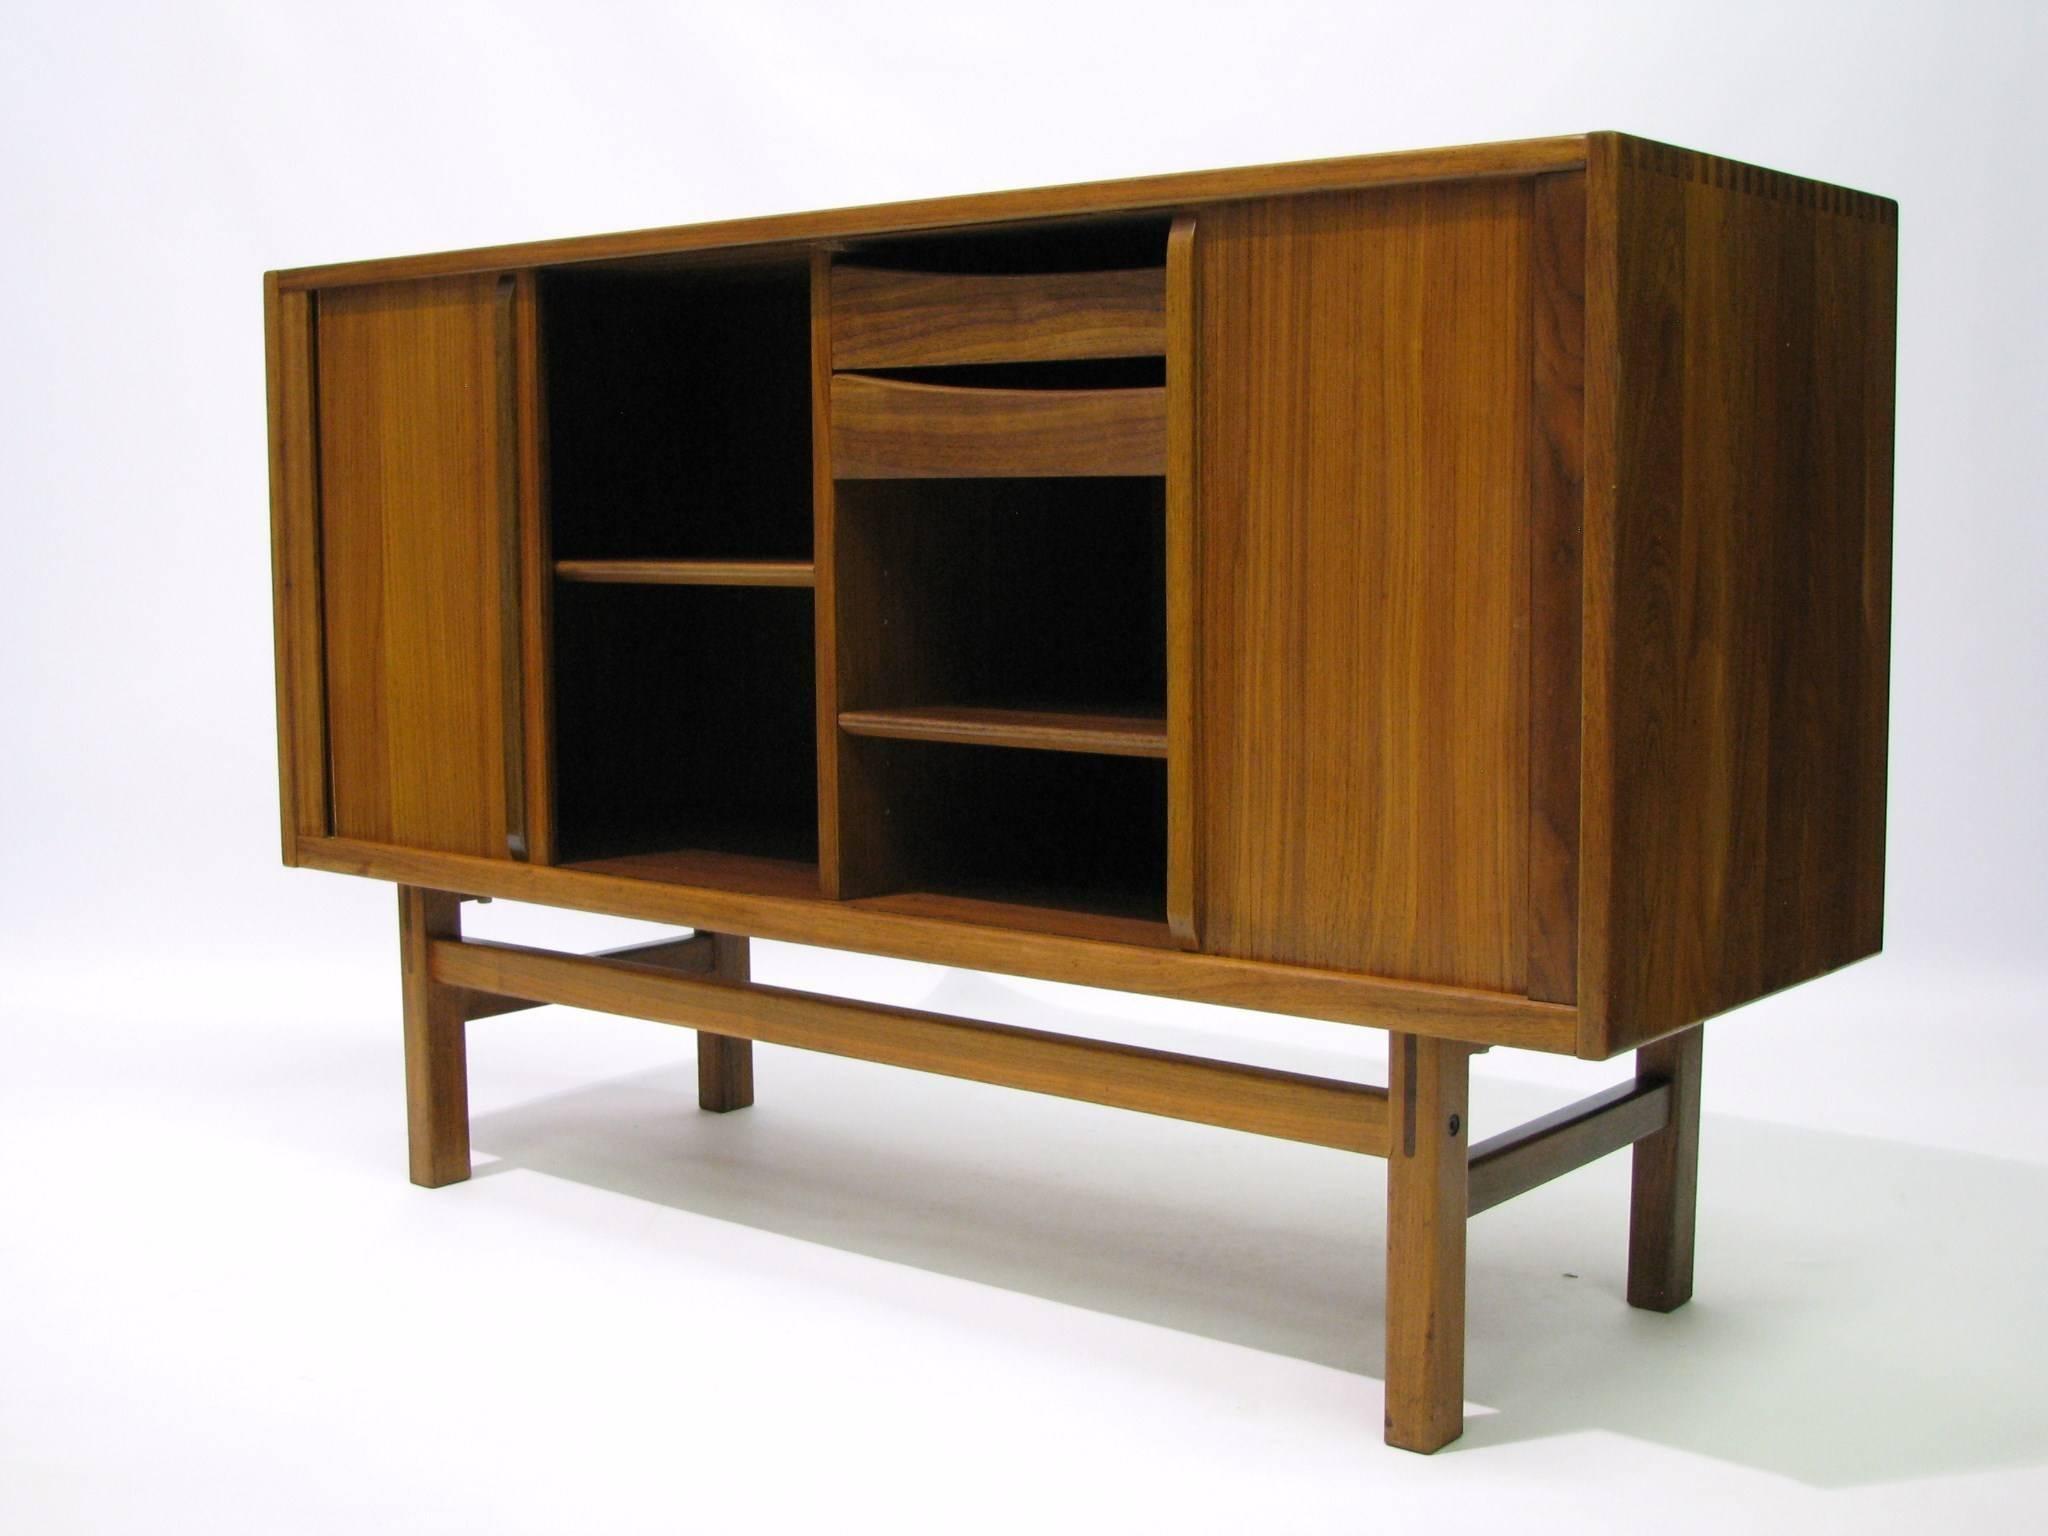 Teak Sideboard Designed By Nils Jönsson For The Swedish Firm Troeds Bjärnum  In The 1960s.